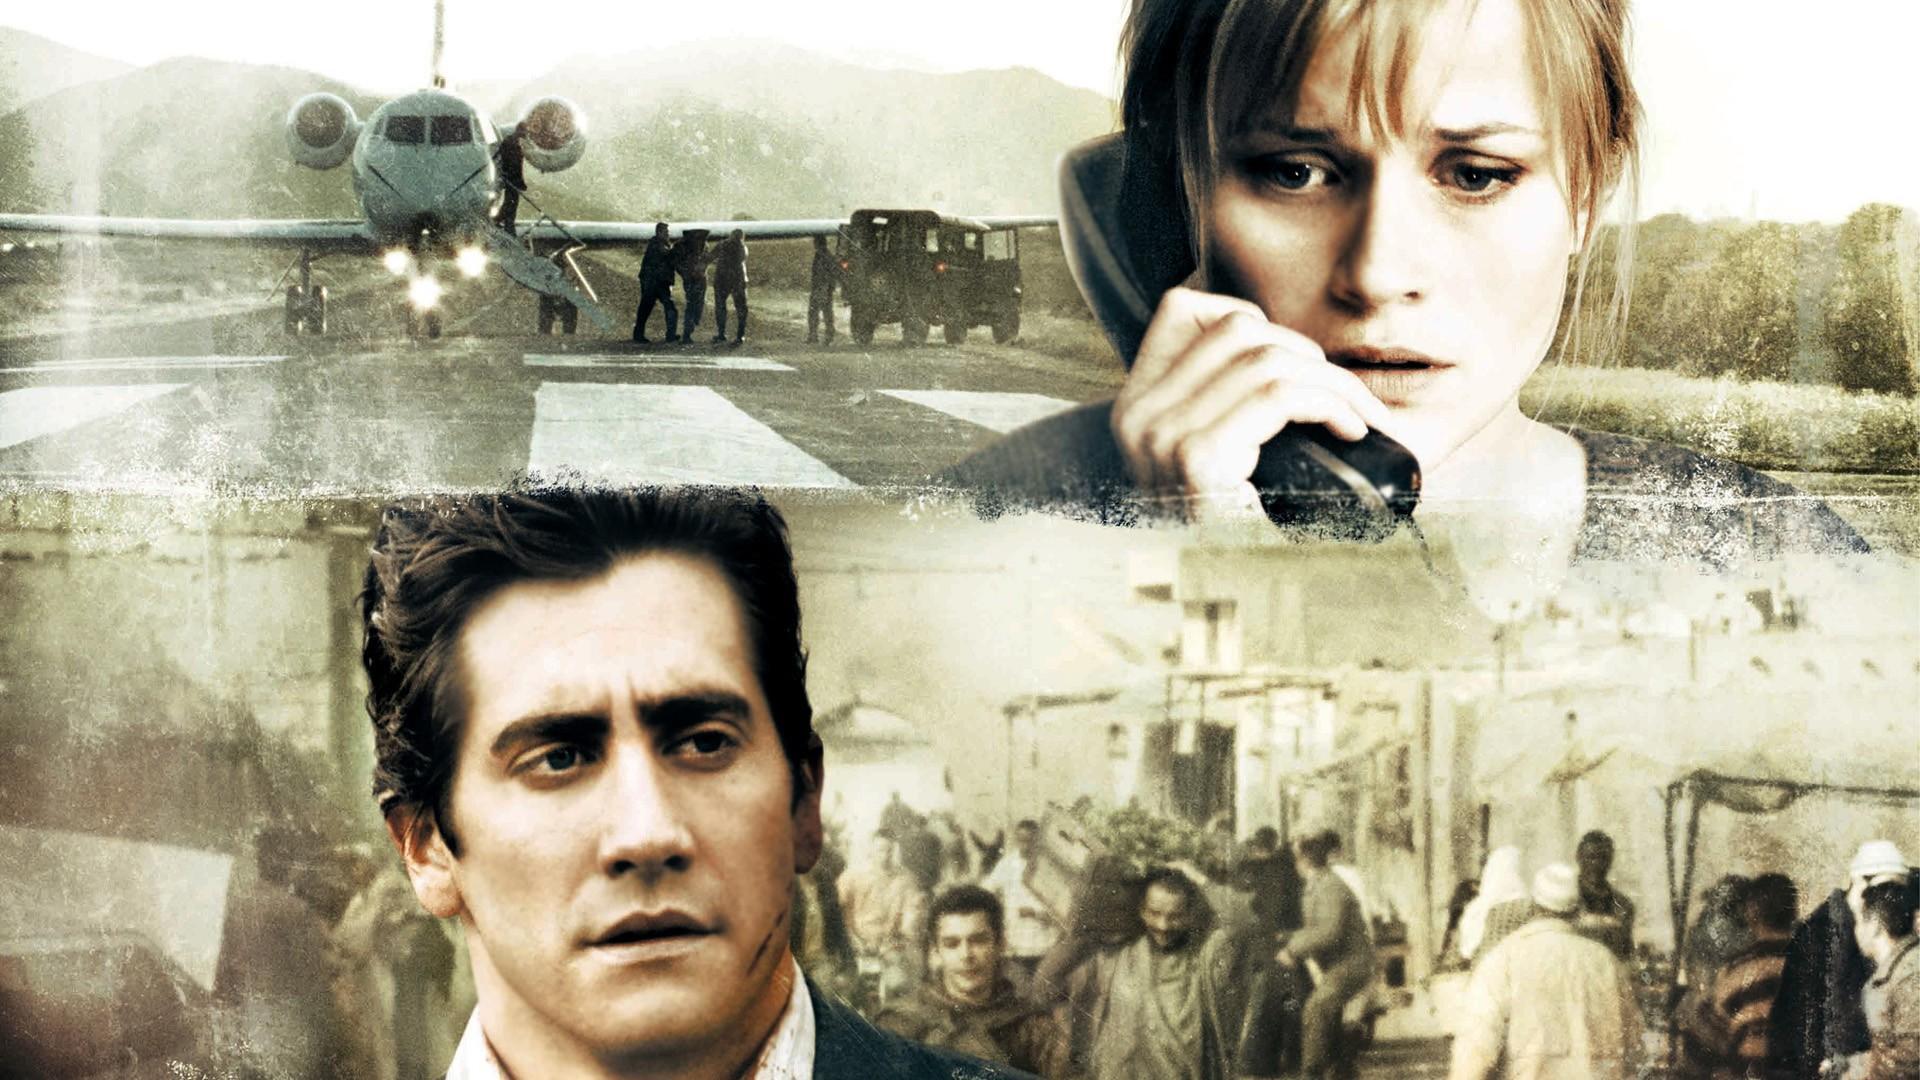 Sky Cinema Suspense HD Rendition - Detenzione illegale